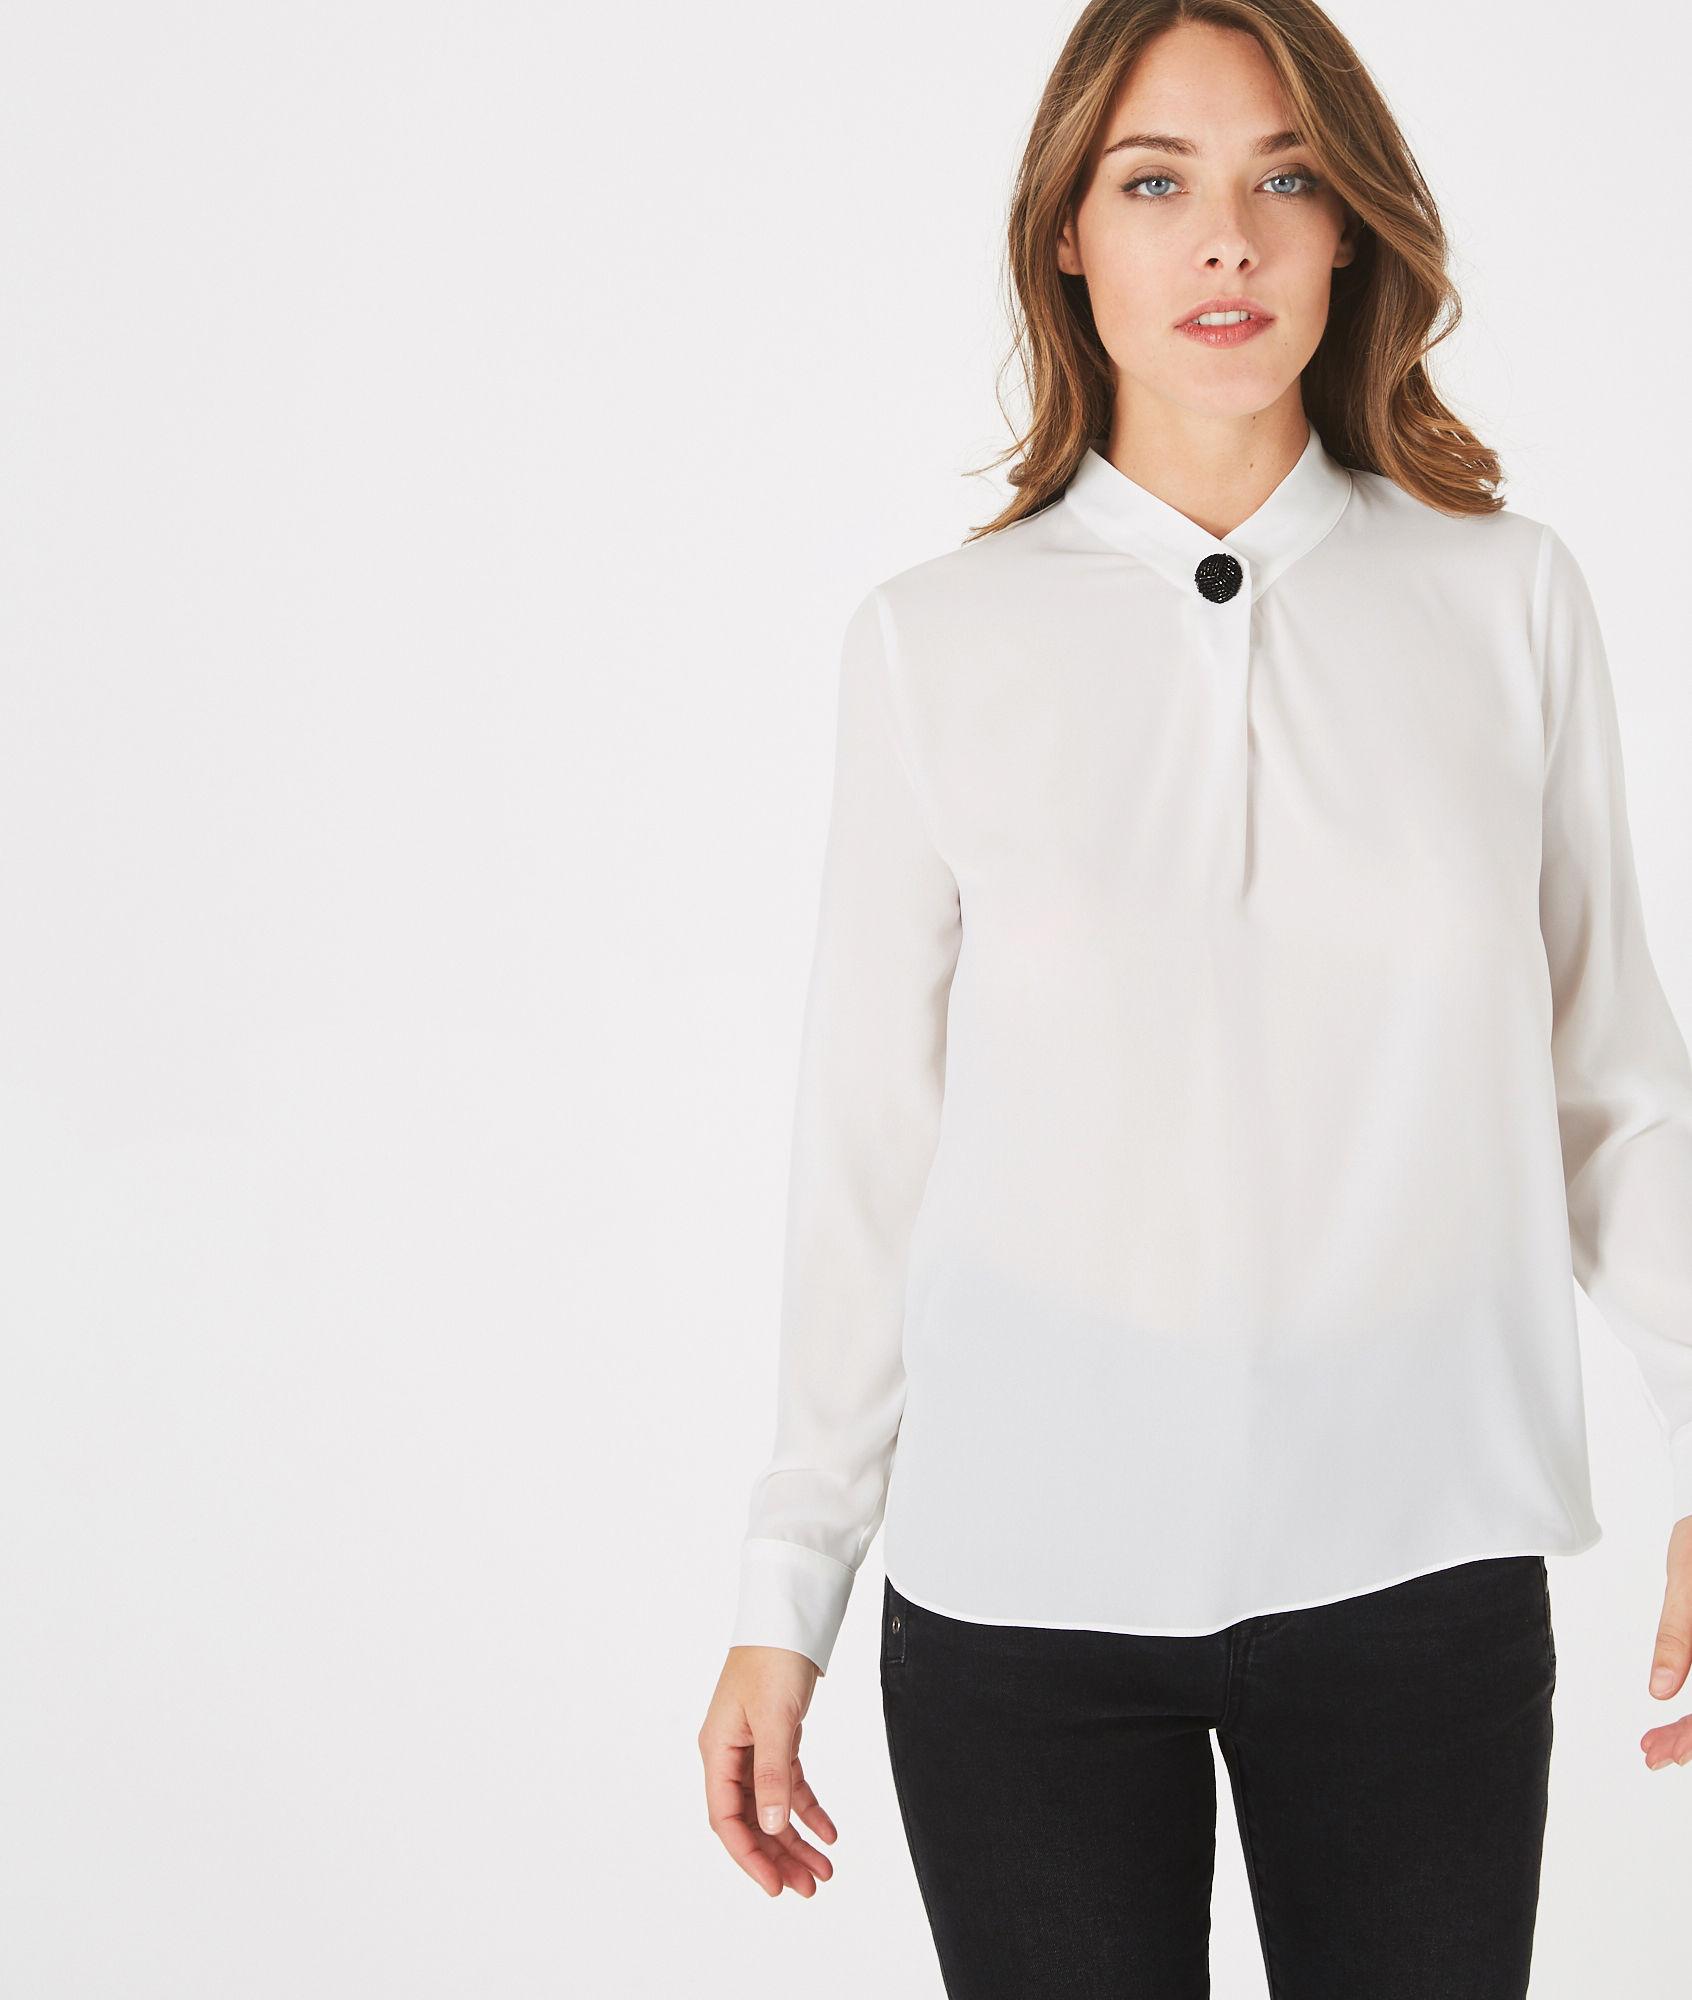 Je veux trouver une belle chemise femme et agréable à porter pas cher ICI  Chemise blanche femme 123 09f6bc3b0e90